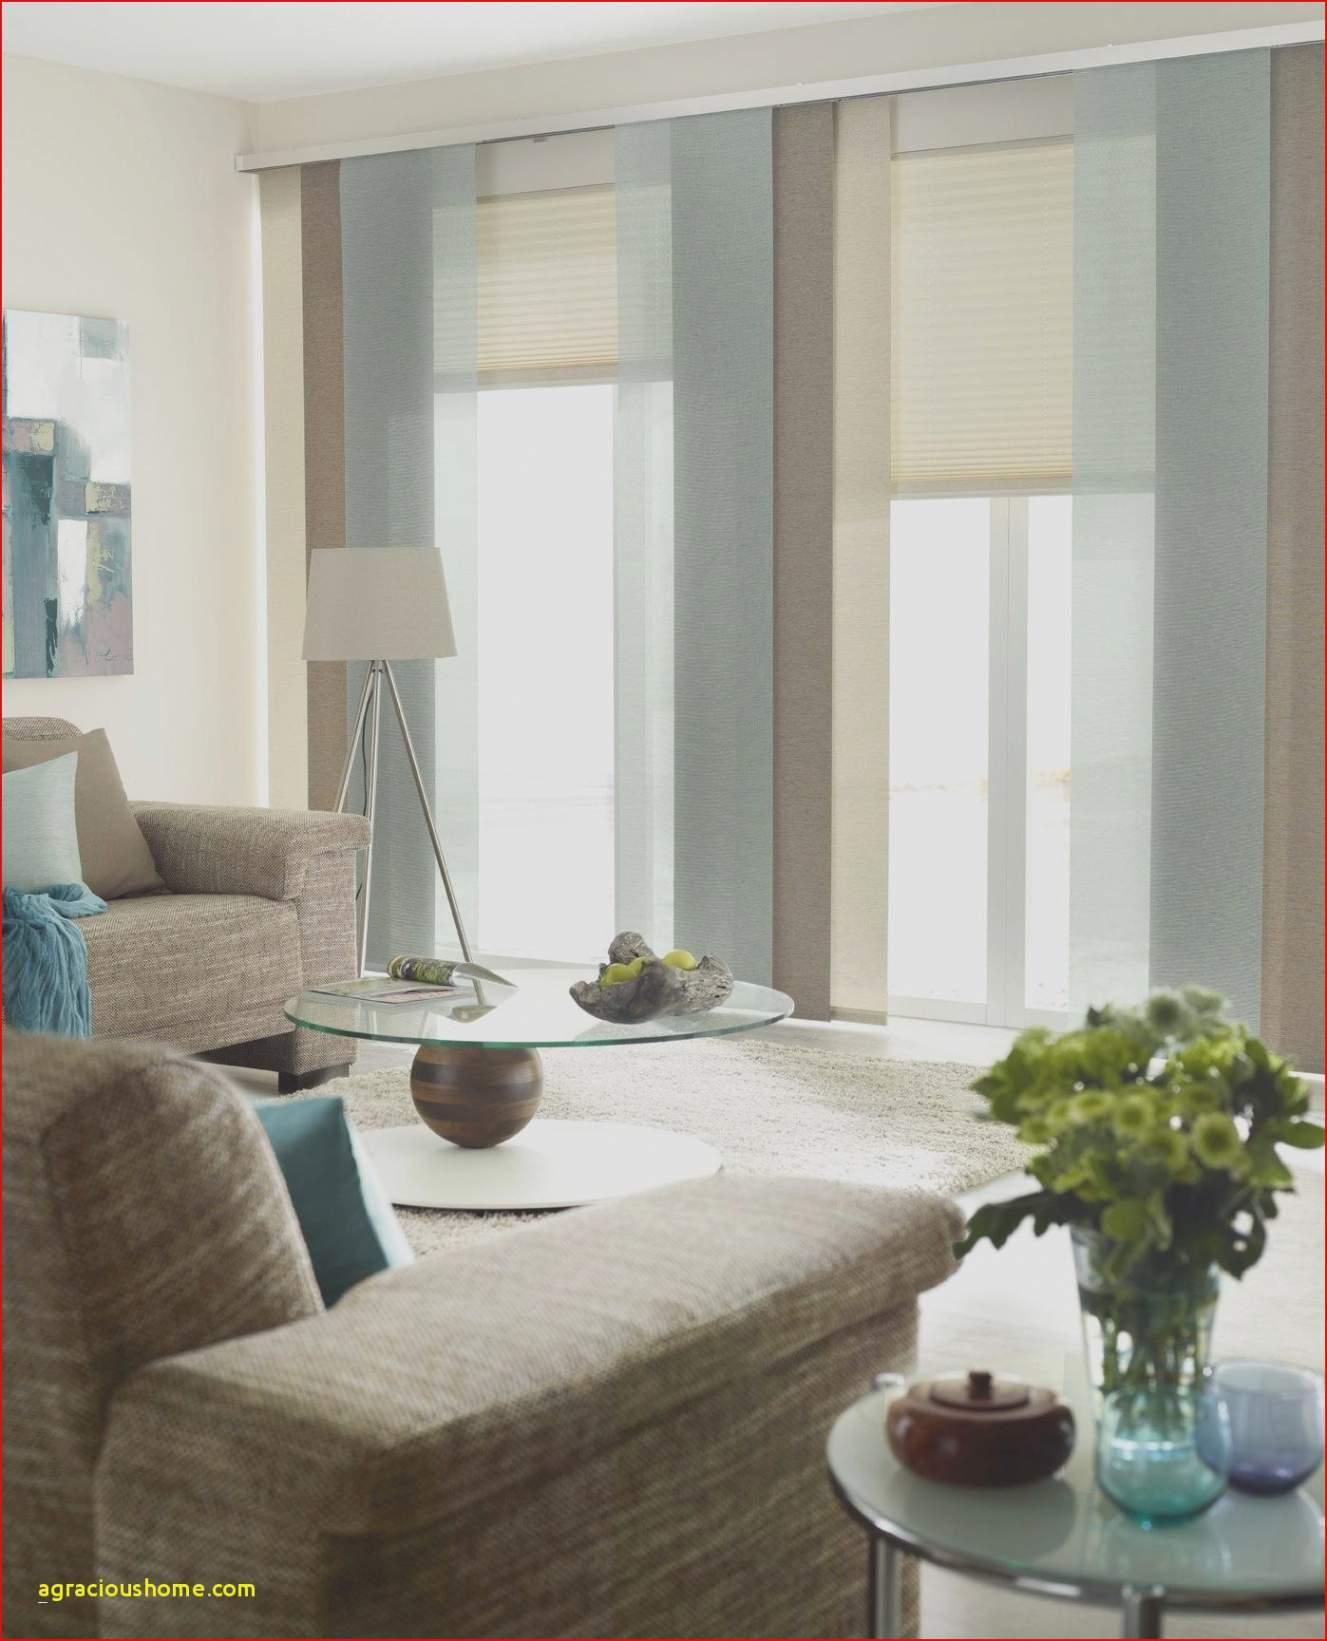 Full Size of Bett Modern Design Küche Vorhänge Stehlampe Wohnzimmer Modernes Teppiche Led Lampen Hängeschrank Weiß Hochglanz Schrankwand Großes Bild Rollo Moderne Wohnzimmer Vorhänge Wohnzimmer Ideen Modern